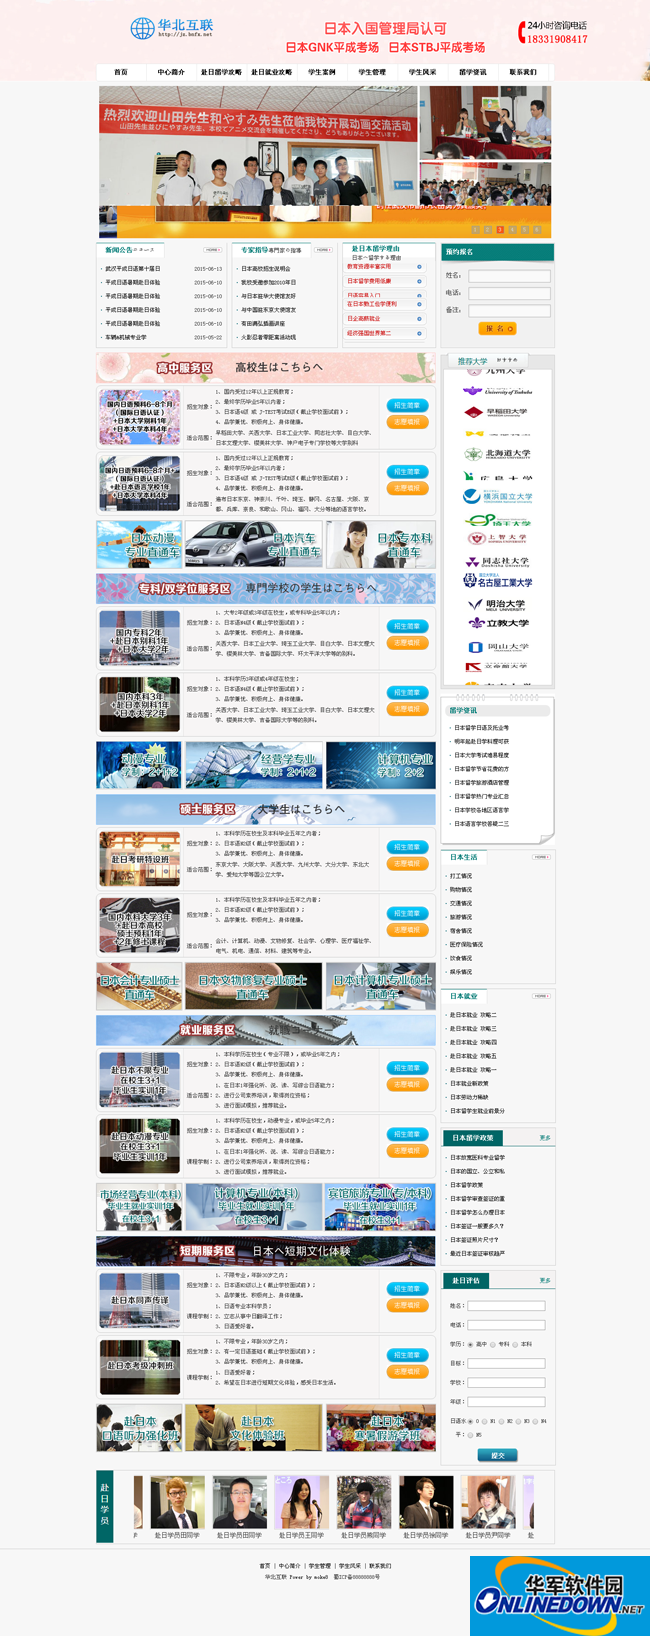 培训机构网站织梦CMS模板